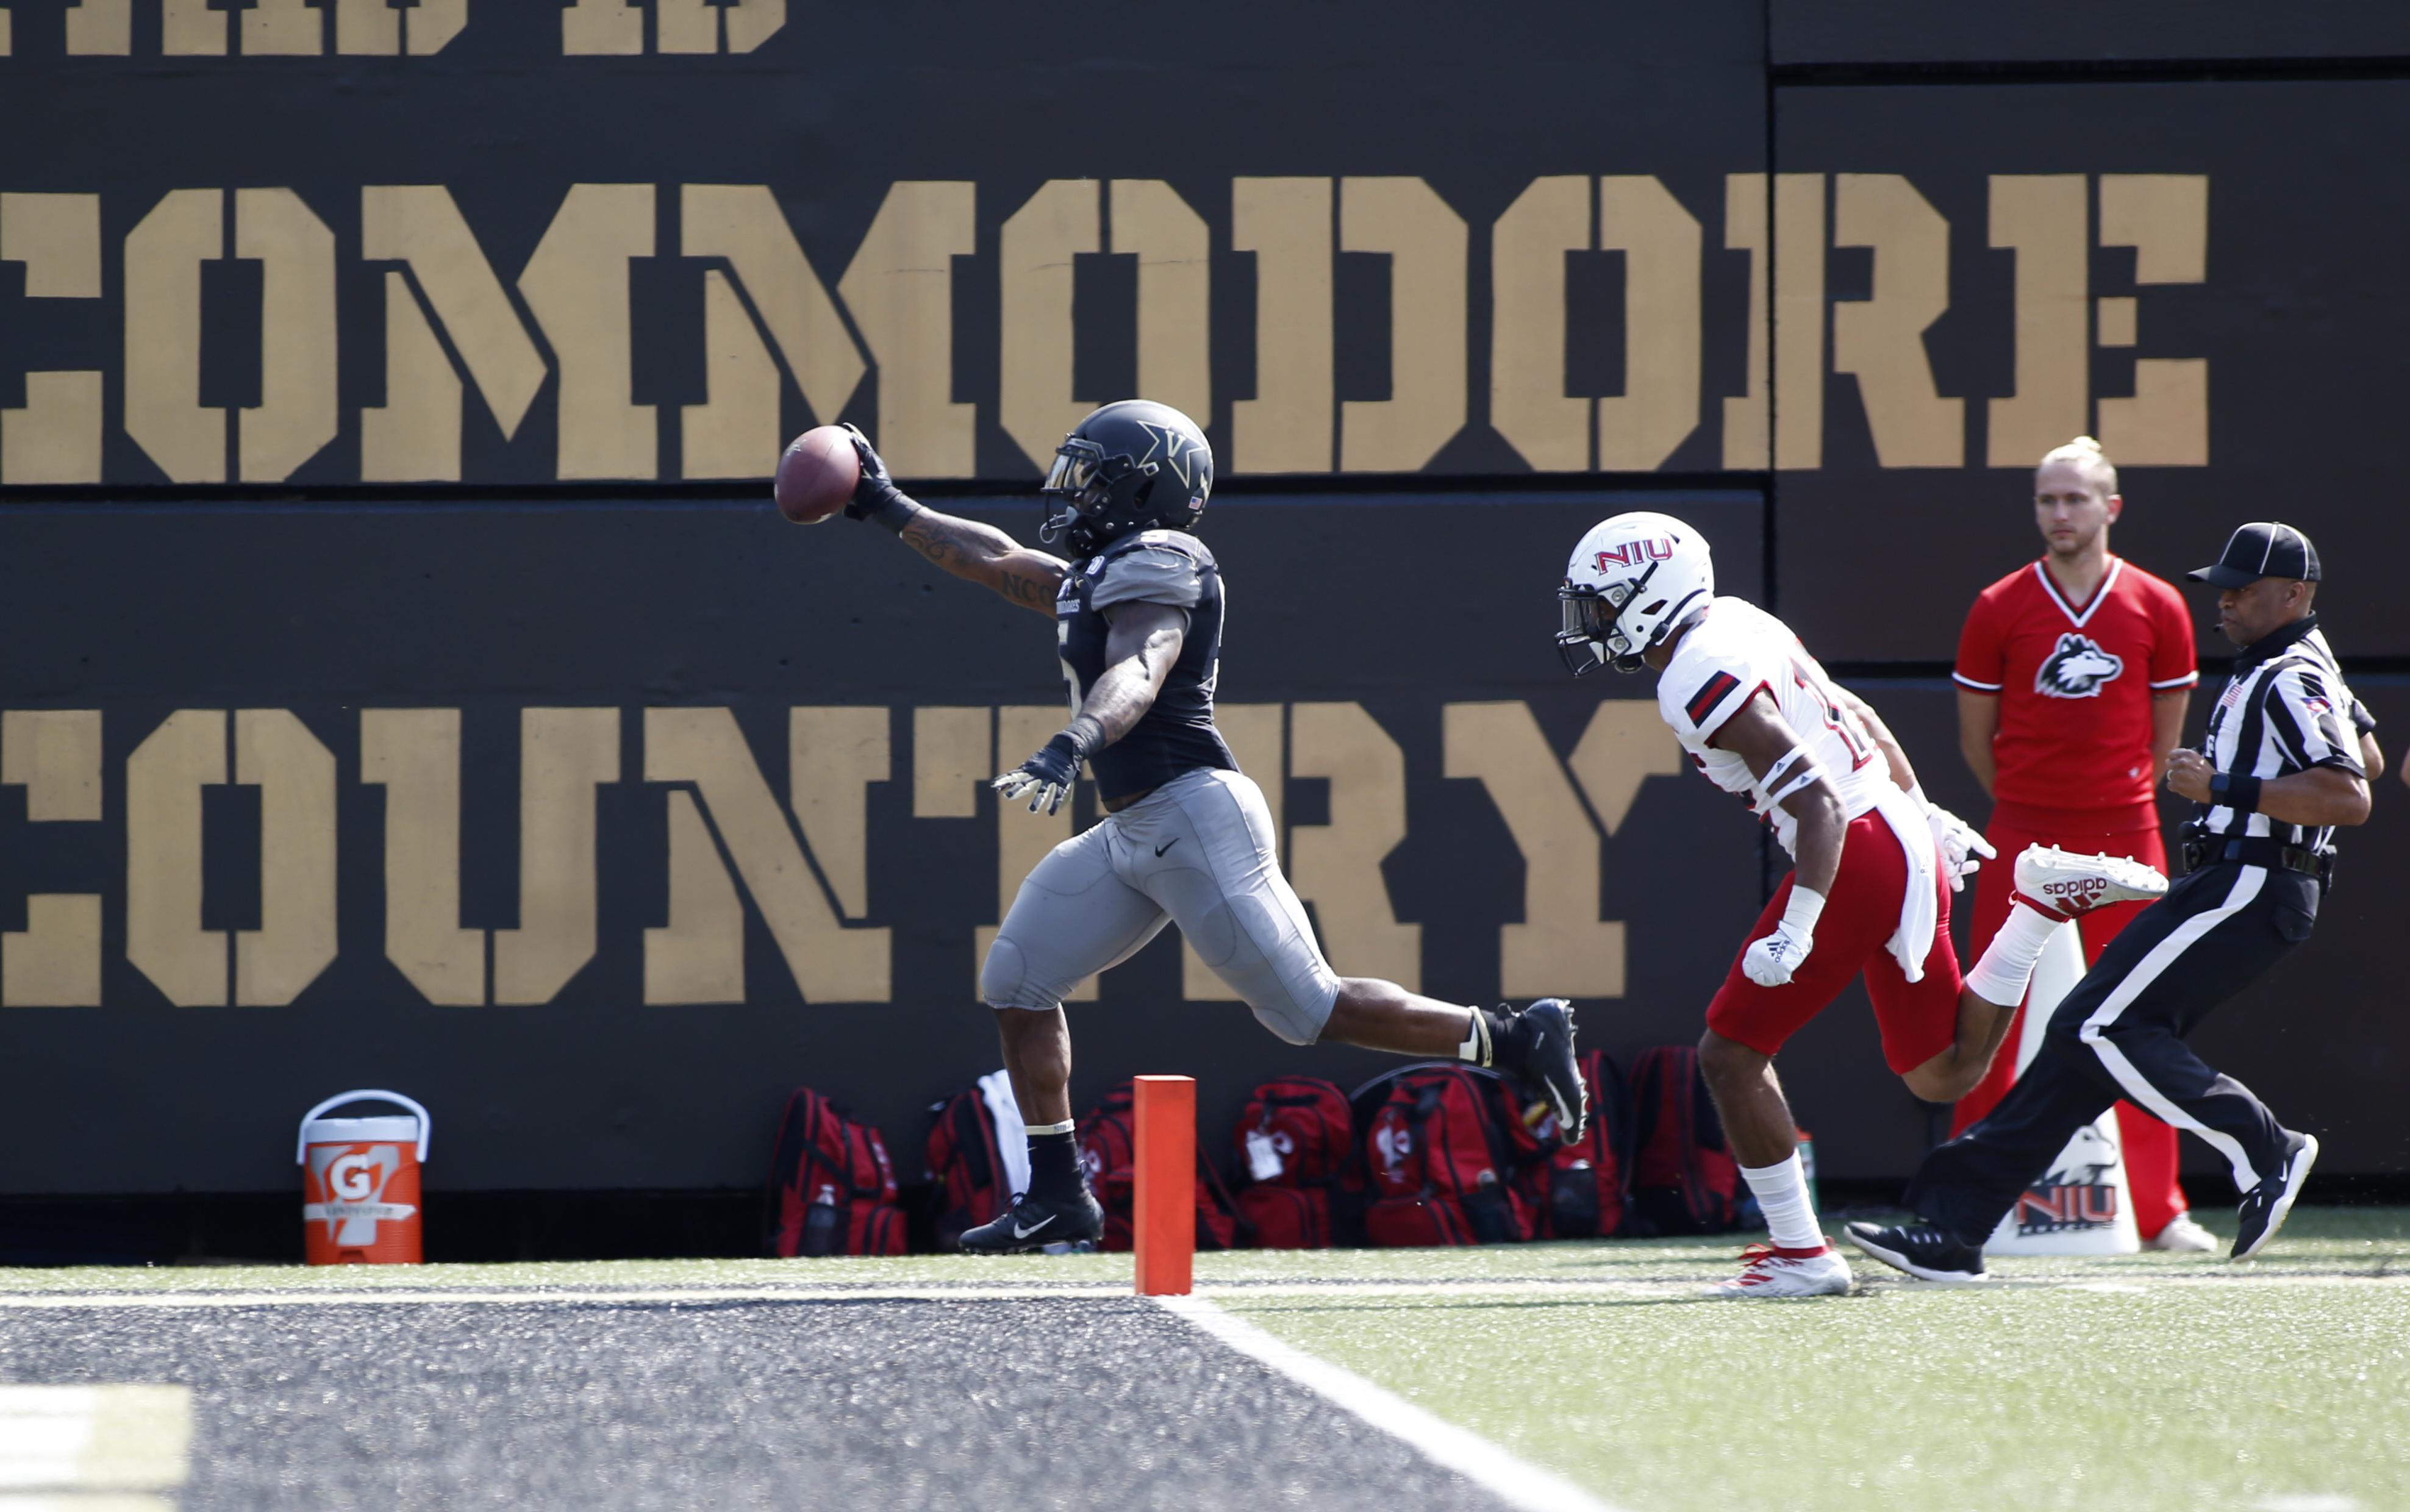 大学橄榄球:2018年9月28日Vanderbilt